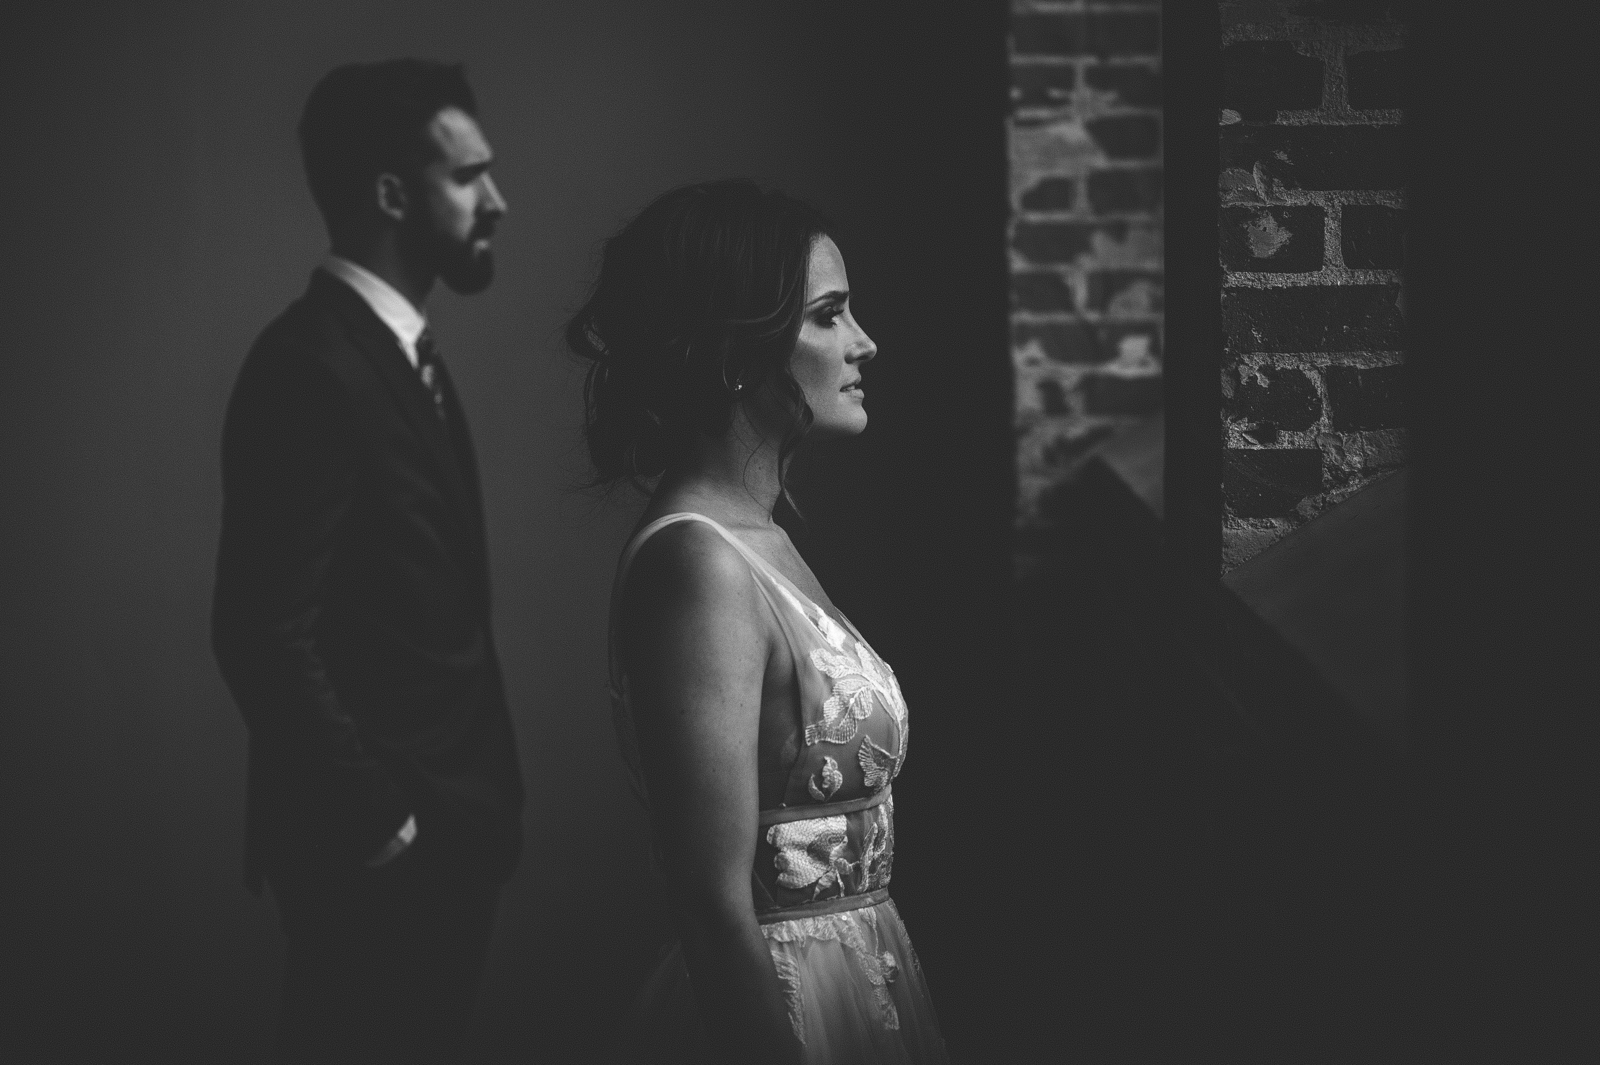 ChadFahnestockPhotography-wedding-photography-portfolio-004-2.jpg